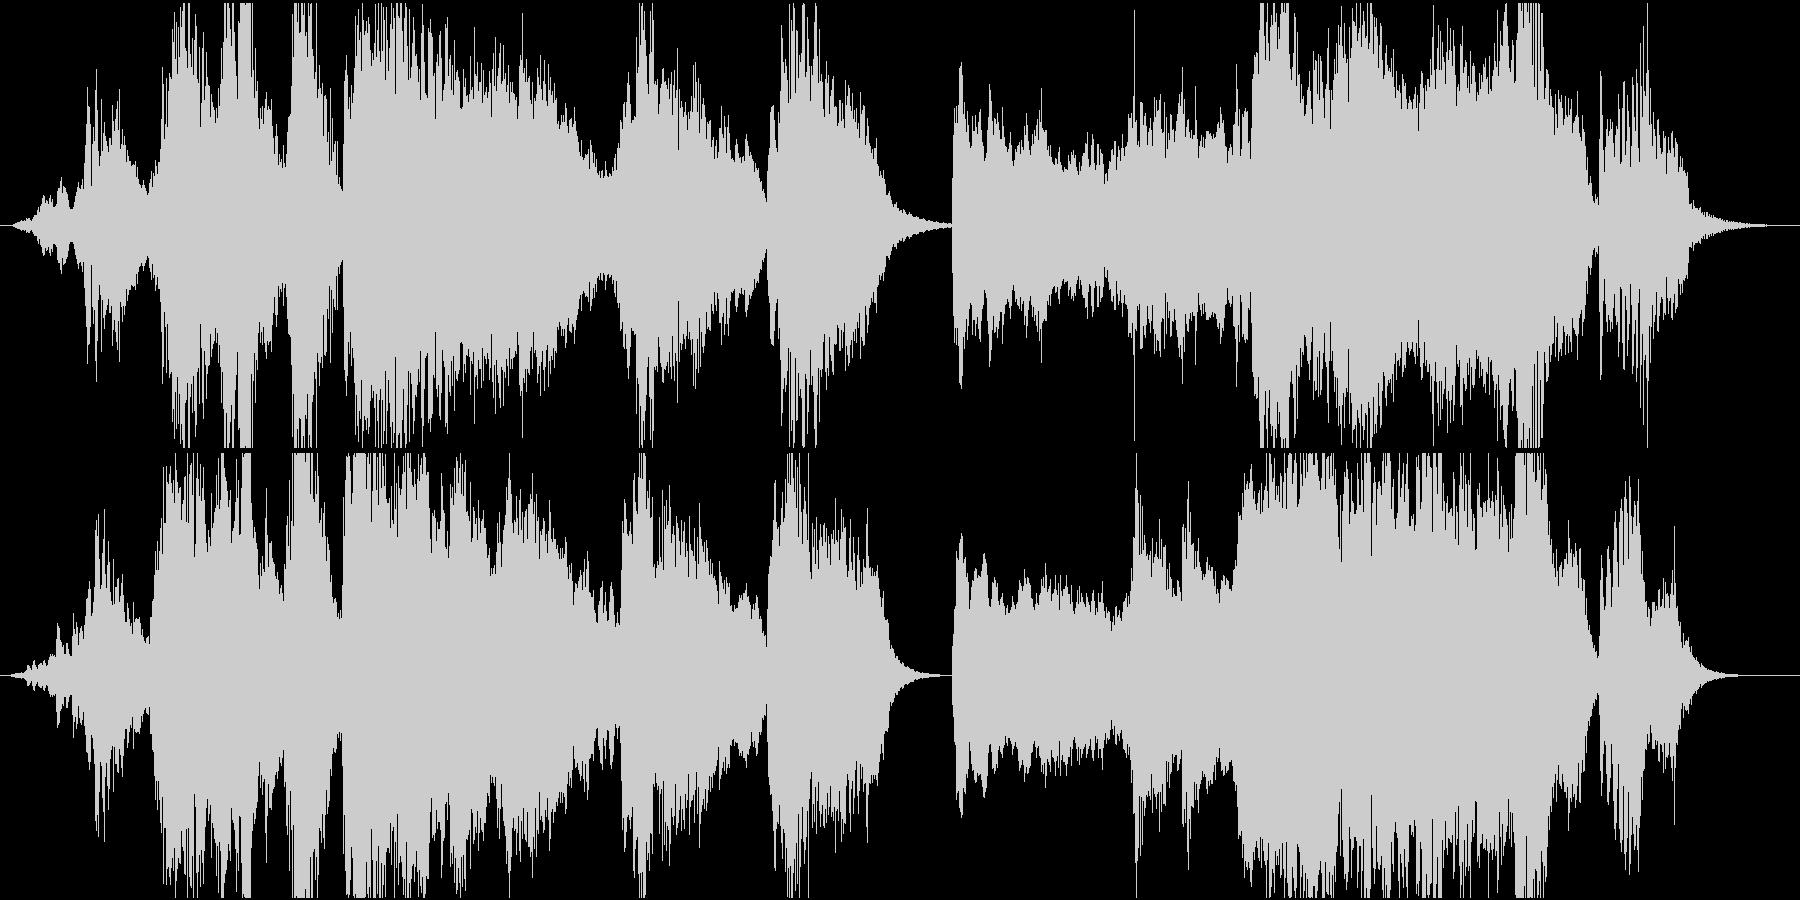 ホラー サスペンス系の不穏なアンビエントの未再生の波形